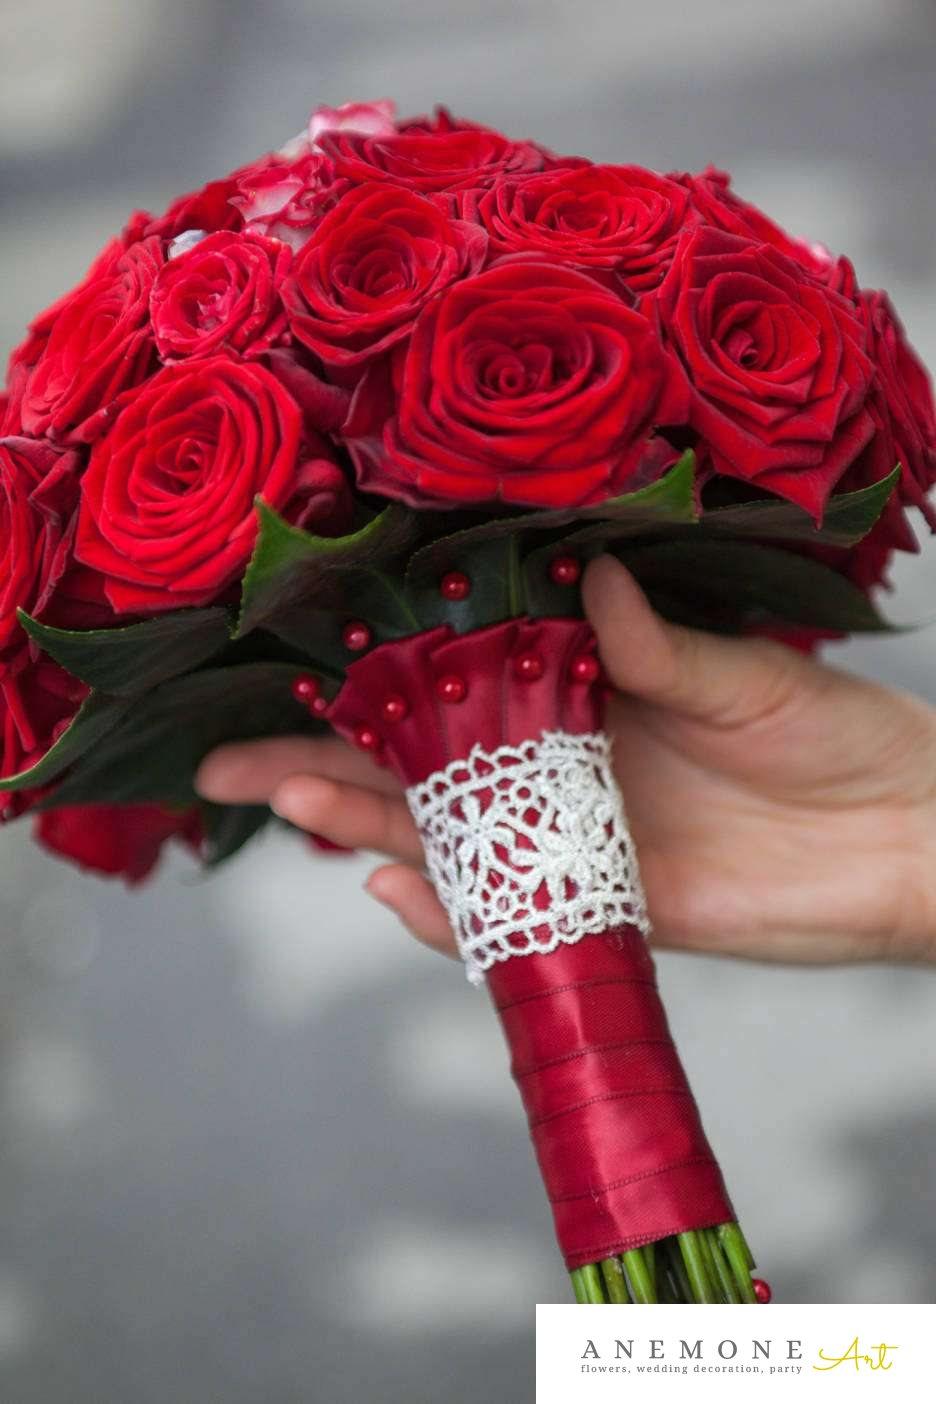 Poza, foto cu Flori de nunta buchet mireasa, cristale, dantela, maner buchet, perle, rosu, rotund, trandafiri in Arad, Timisoara, Oradea (wedding flowers, bouquets) nunta Arad, Timisoara, Oradea